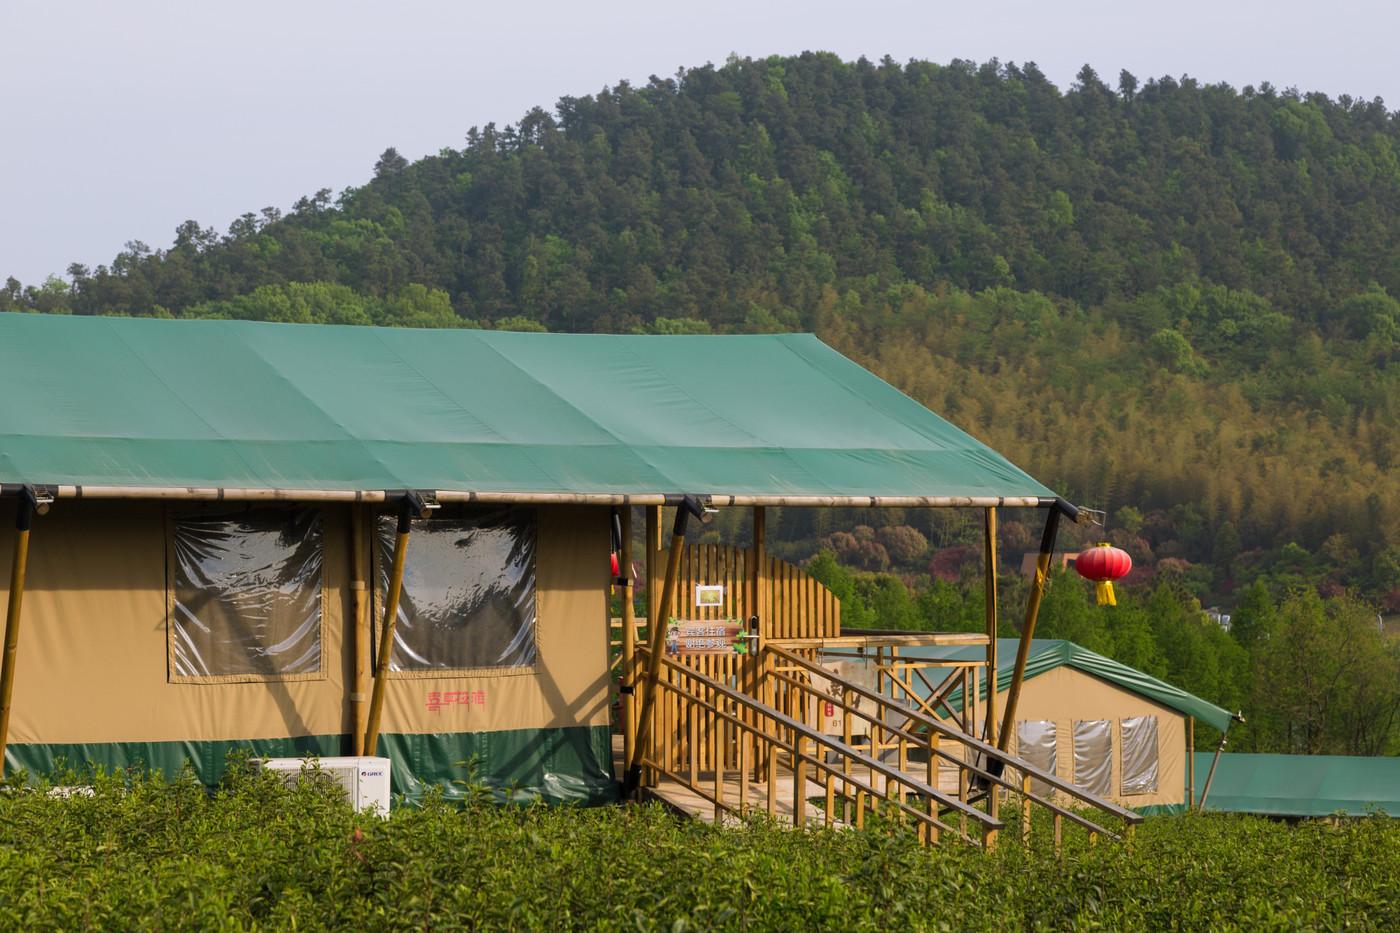 喜马拉雅野奢帐篷酒店—江苏茅山宝盛园(二期)18